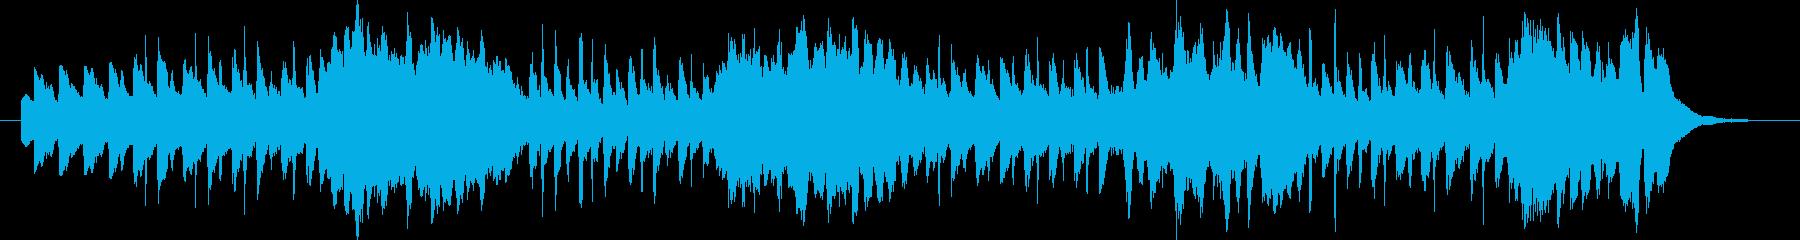 リコーダーと鍵盤ハーモニカの追い掛けっこの再生済みの波形